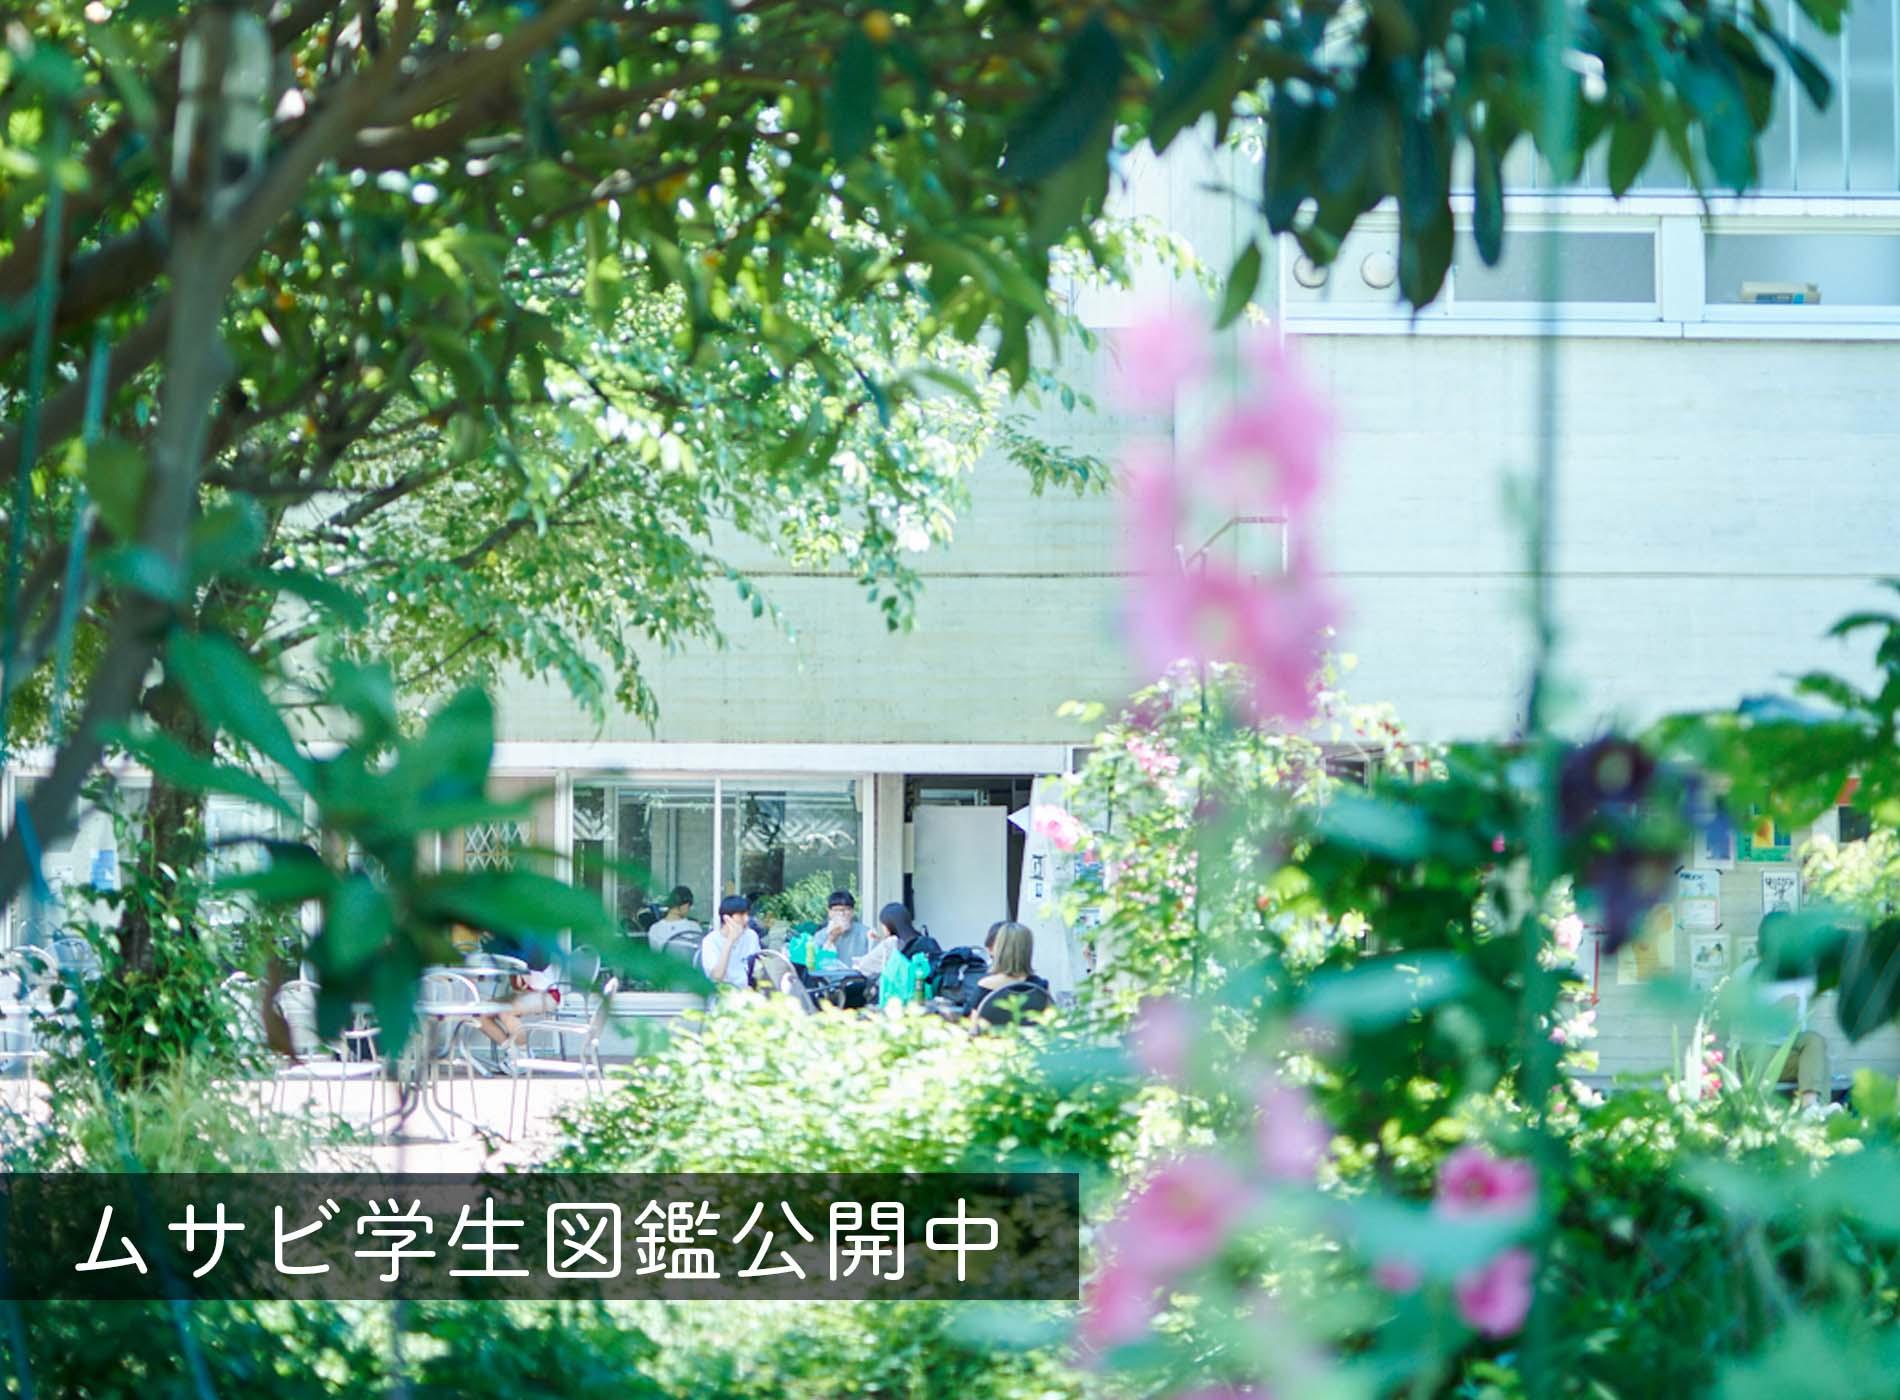 ムサビ学生図鑑公開中